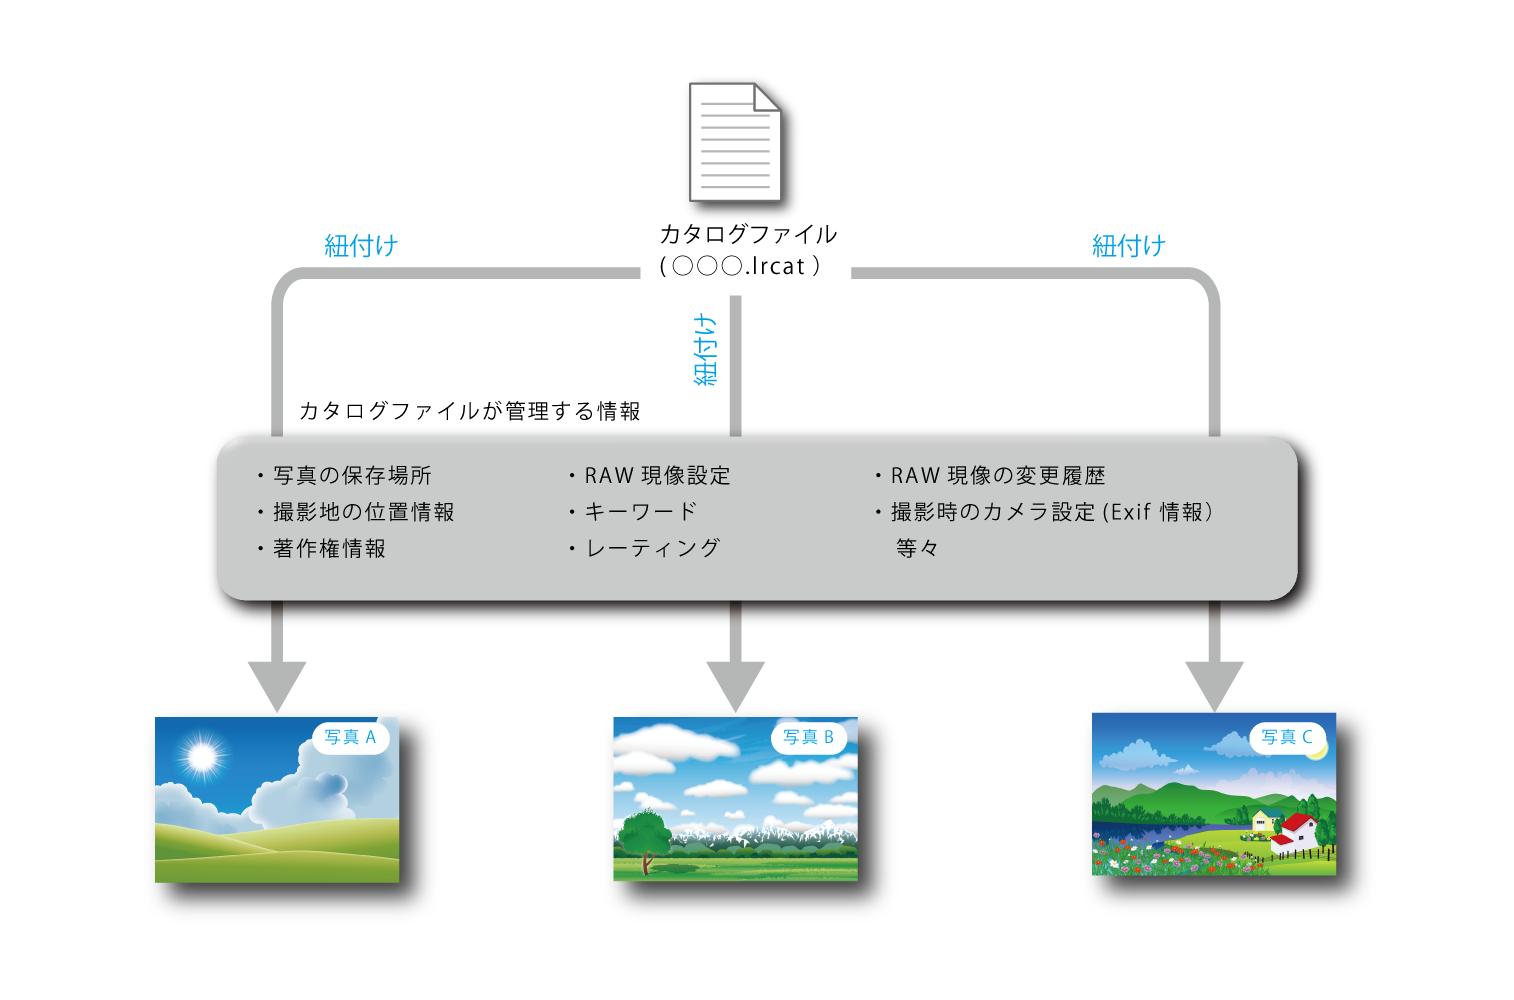 カタログファイルの仕組み